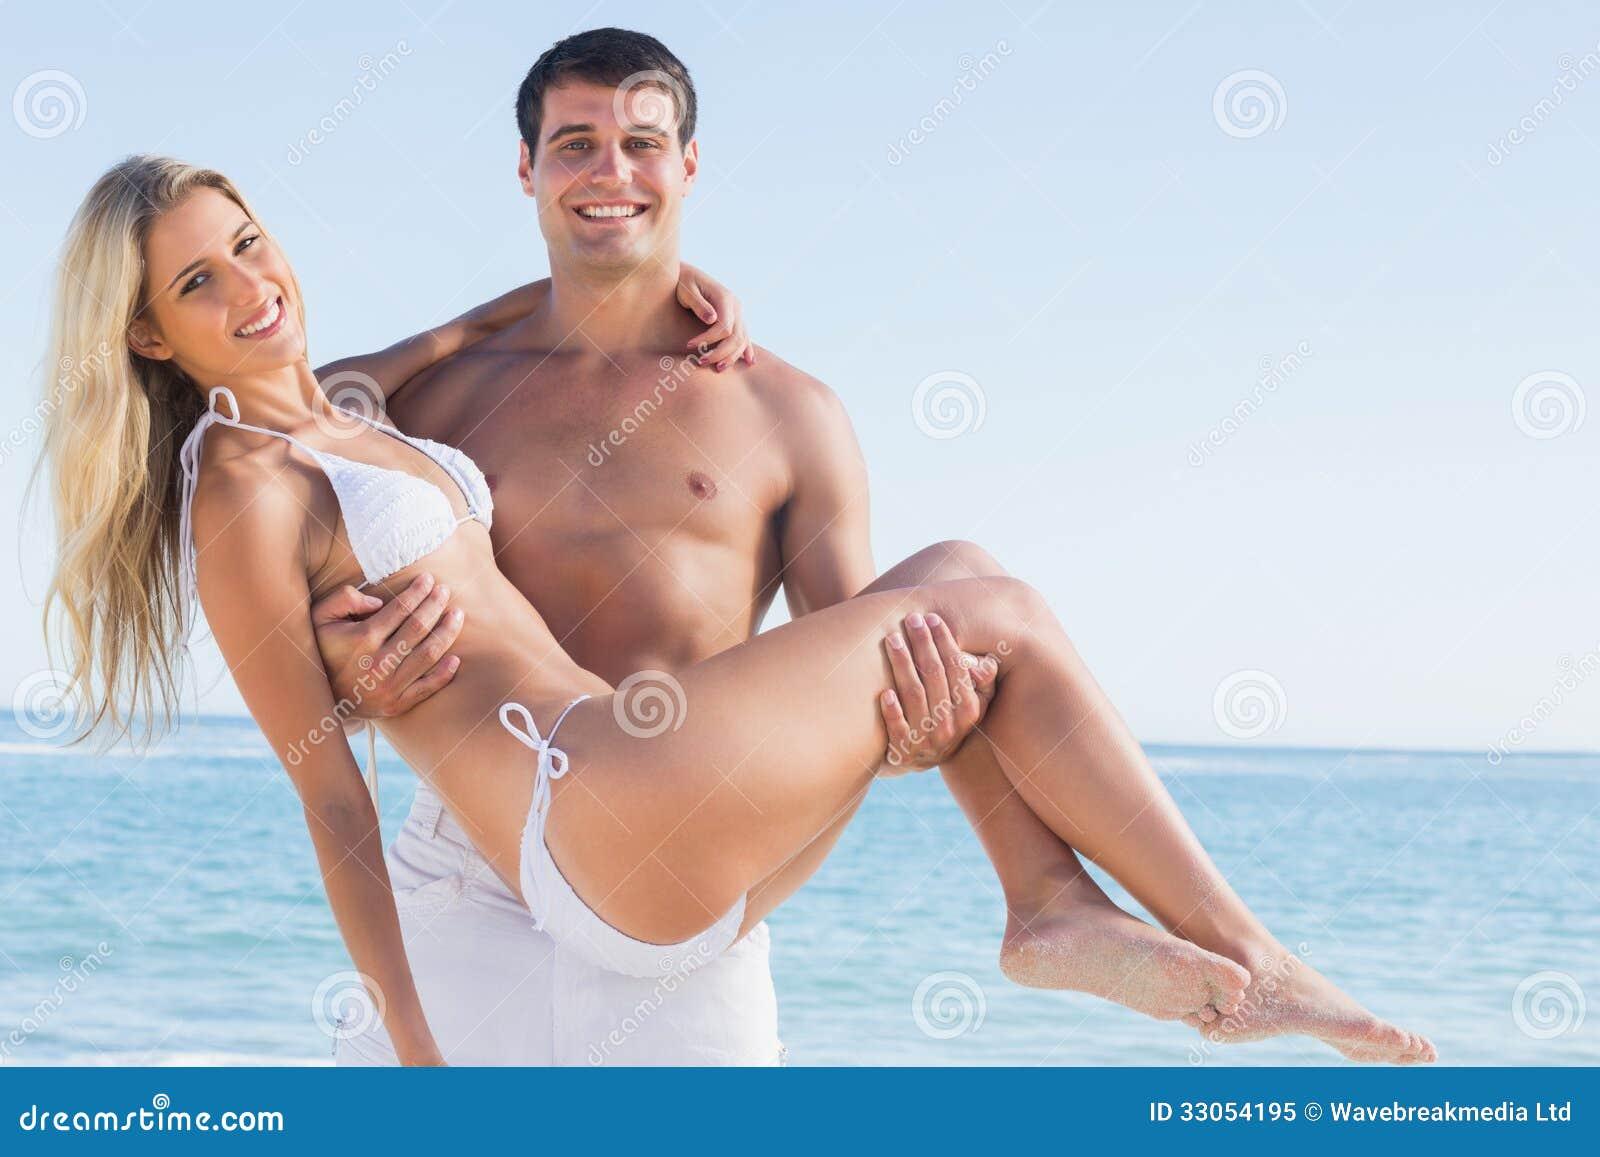 lesbiyskie-porno-skolko-huev-mozhet-viderzhat-zhenshina